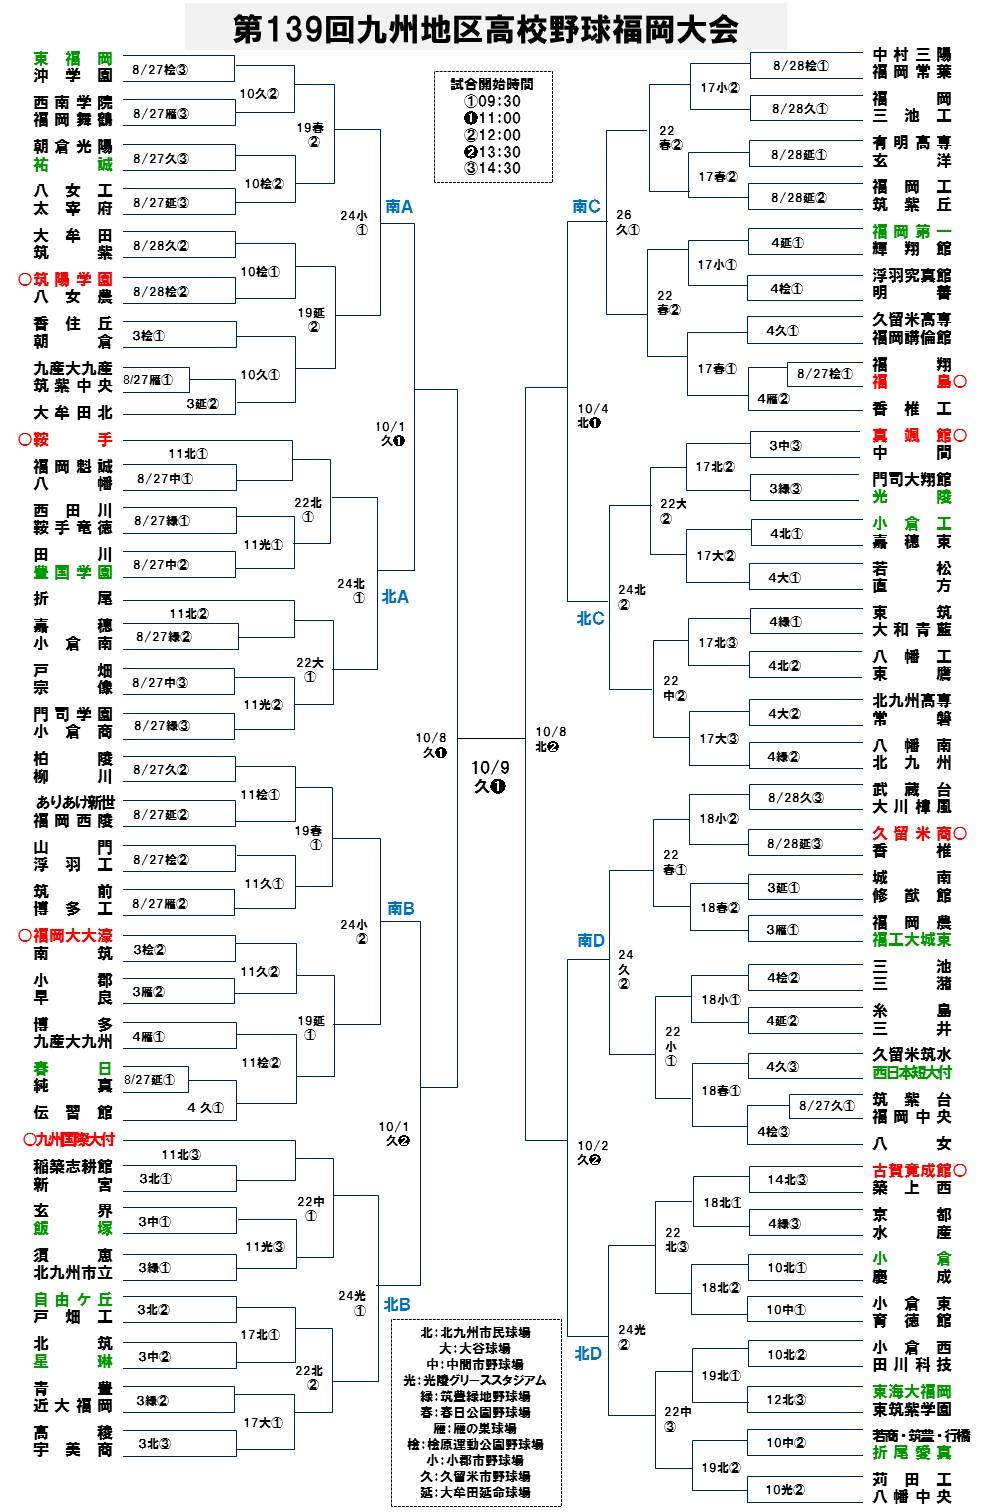 2016秋季福岡大会3